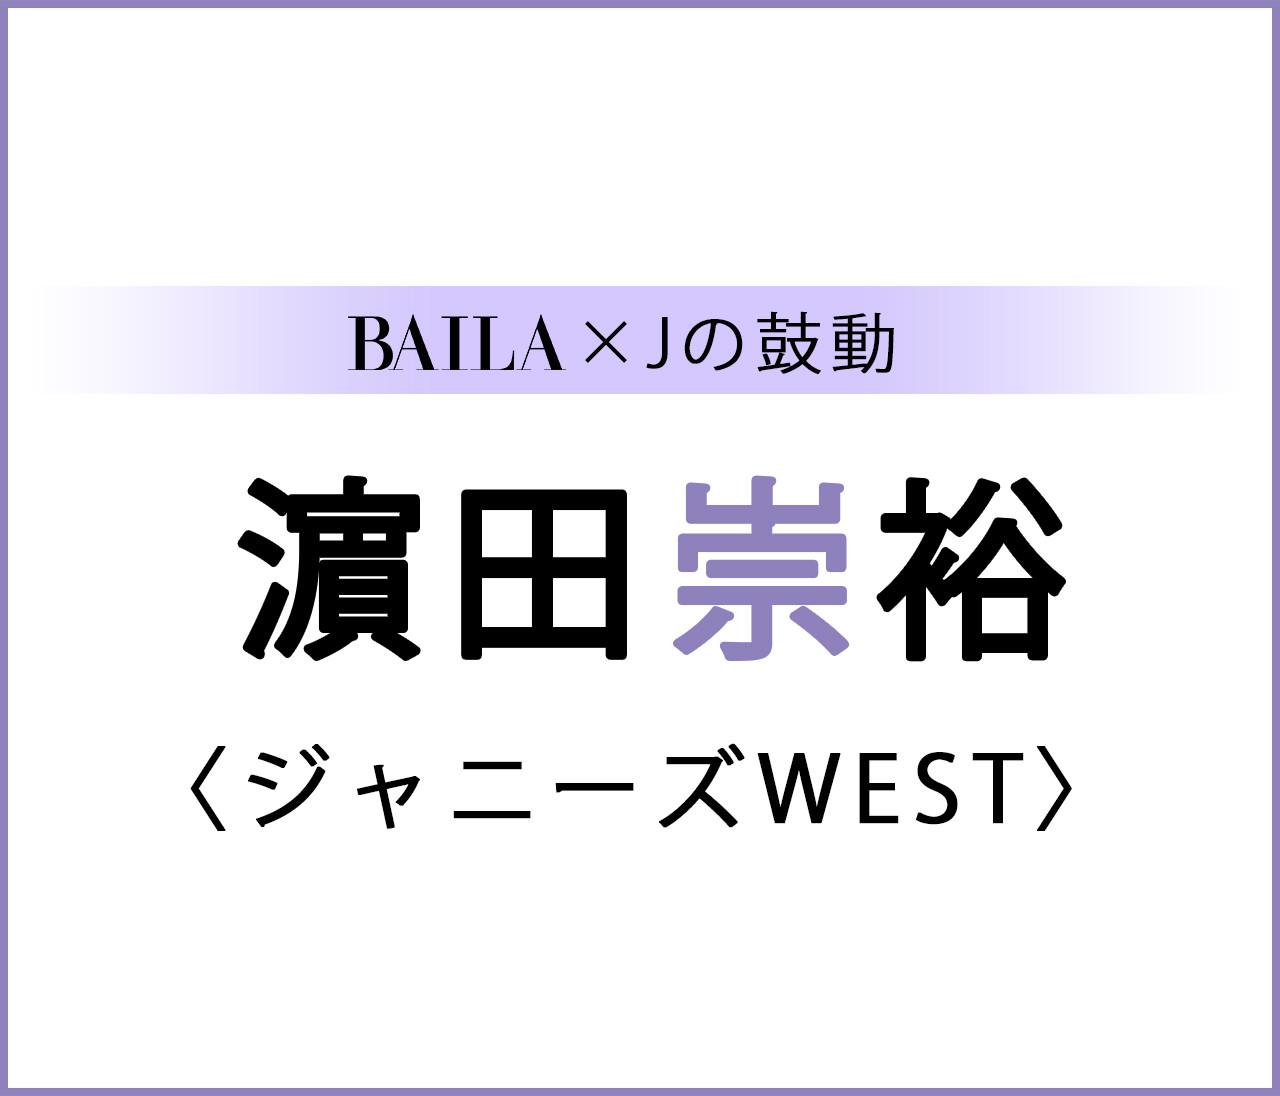 【 #ジャニーズWEST #濵田崇裕 】濵田崇裕スペシャルインタビュー!【BAILA × Jの鼓動】